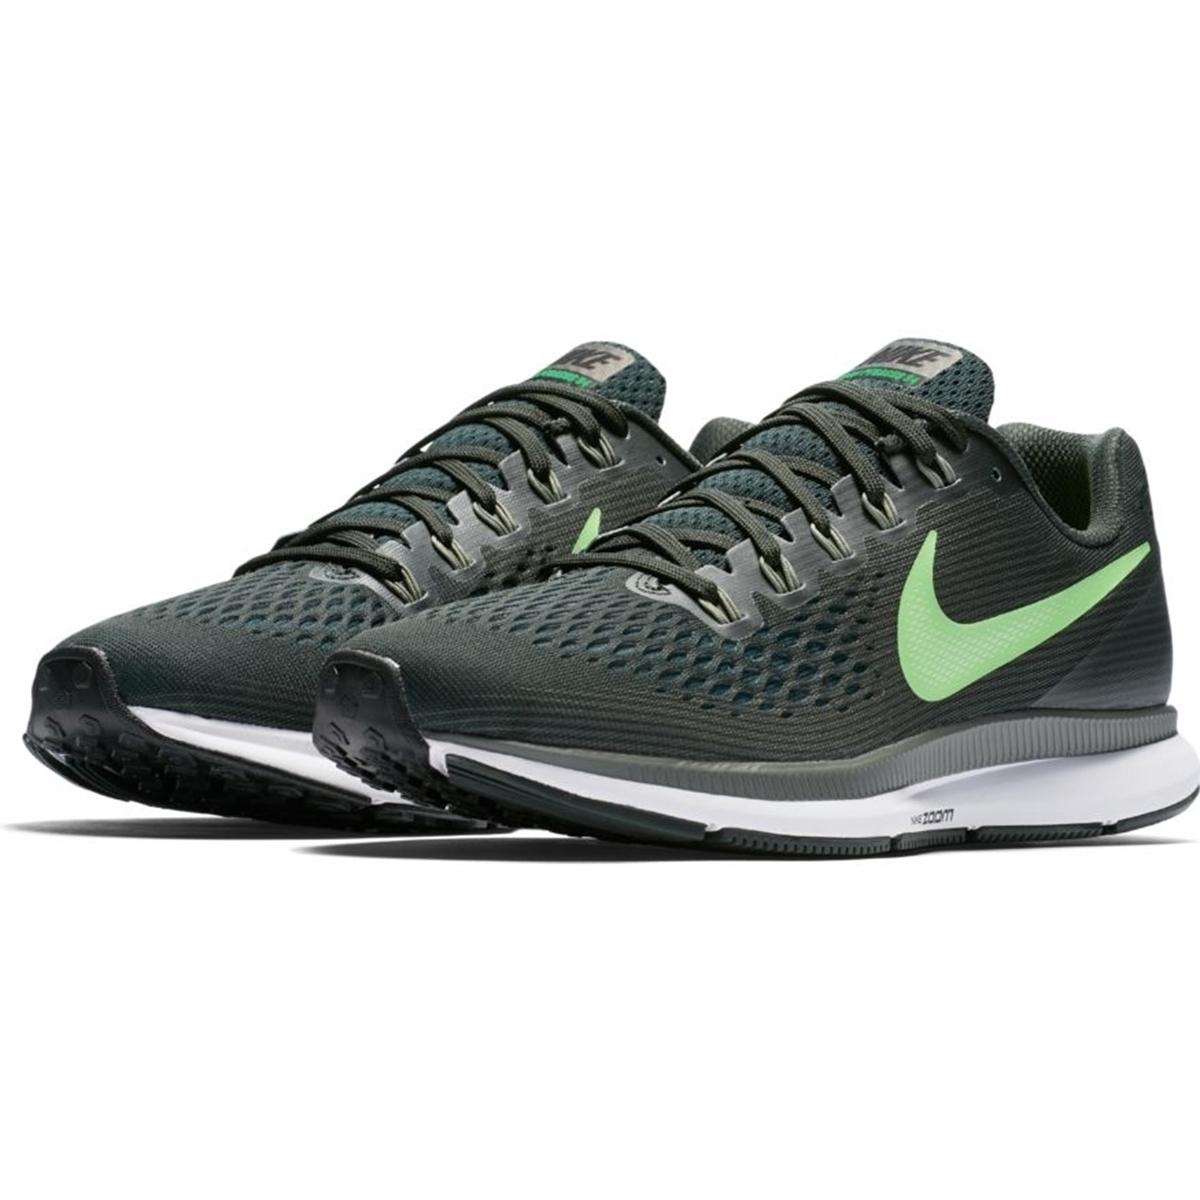 Nike Air Zoom Pegasus 34 Billige Nike Løpesko Dame På Nett Billige Nike Løpesko Dame På Nett